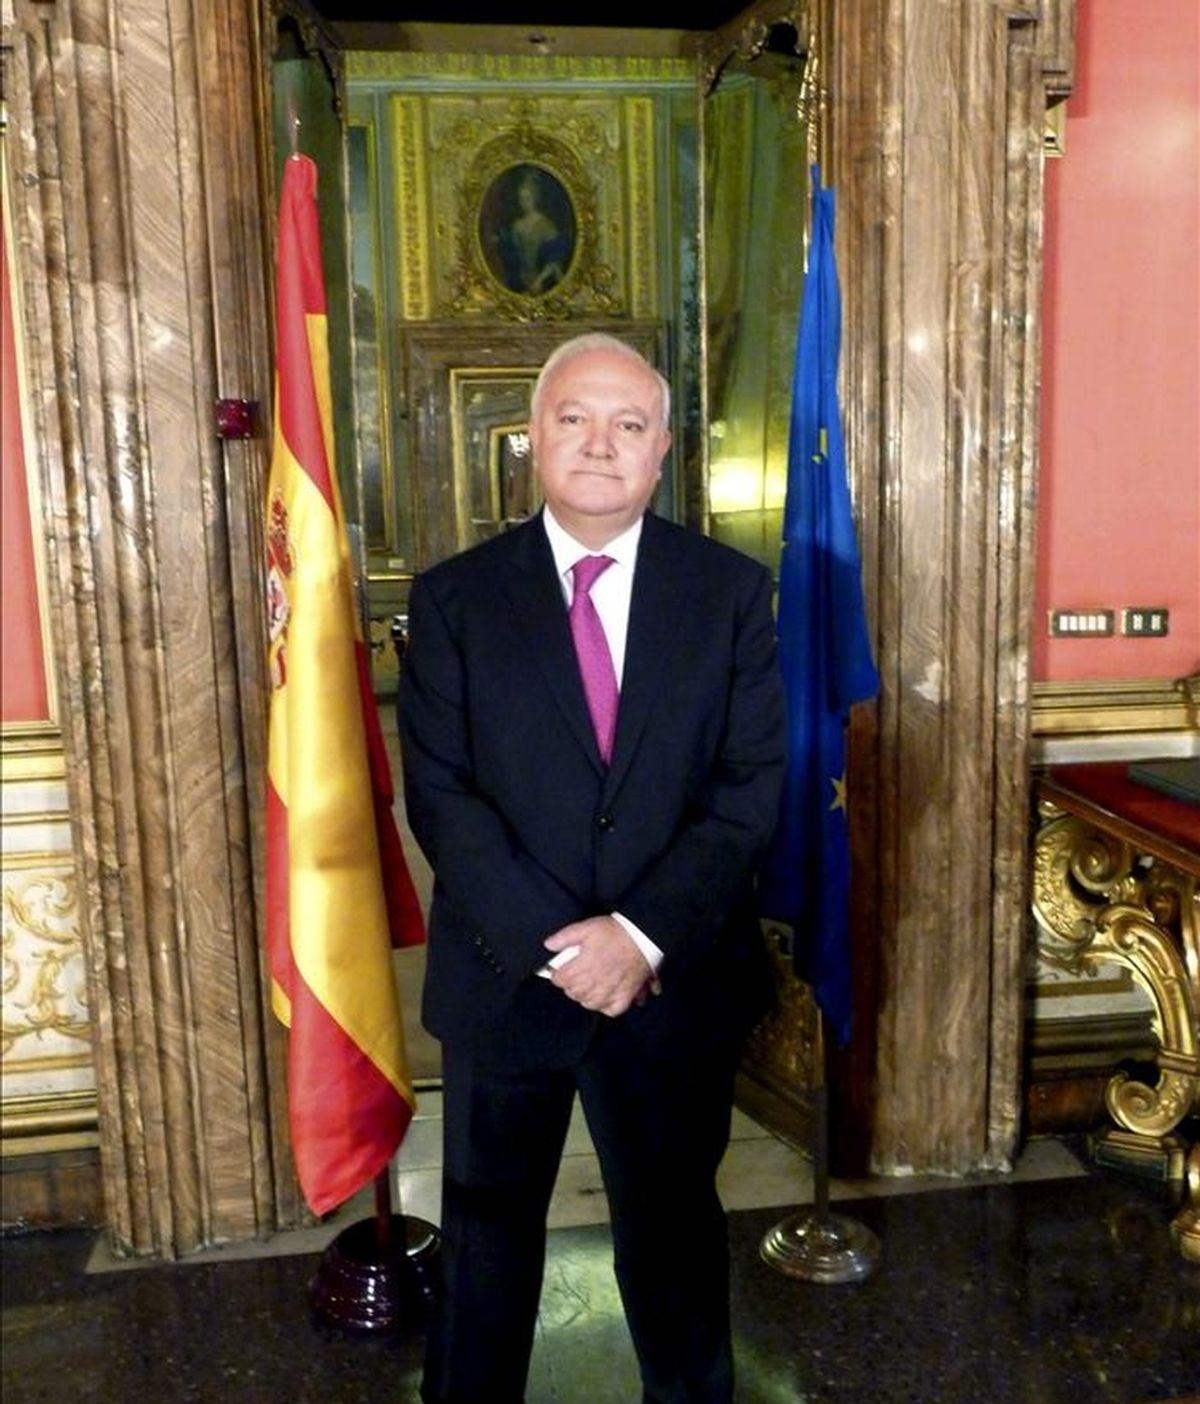 El ex ministro de Asuntos Exteriores de España, Miguel Ángel Moratinos, posa para la prensa en la sede de la Embajada española en Roma. EFE